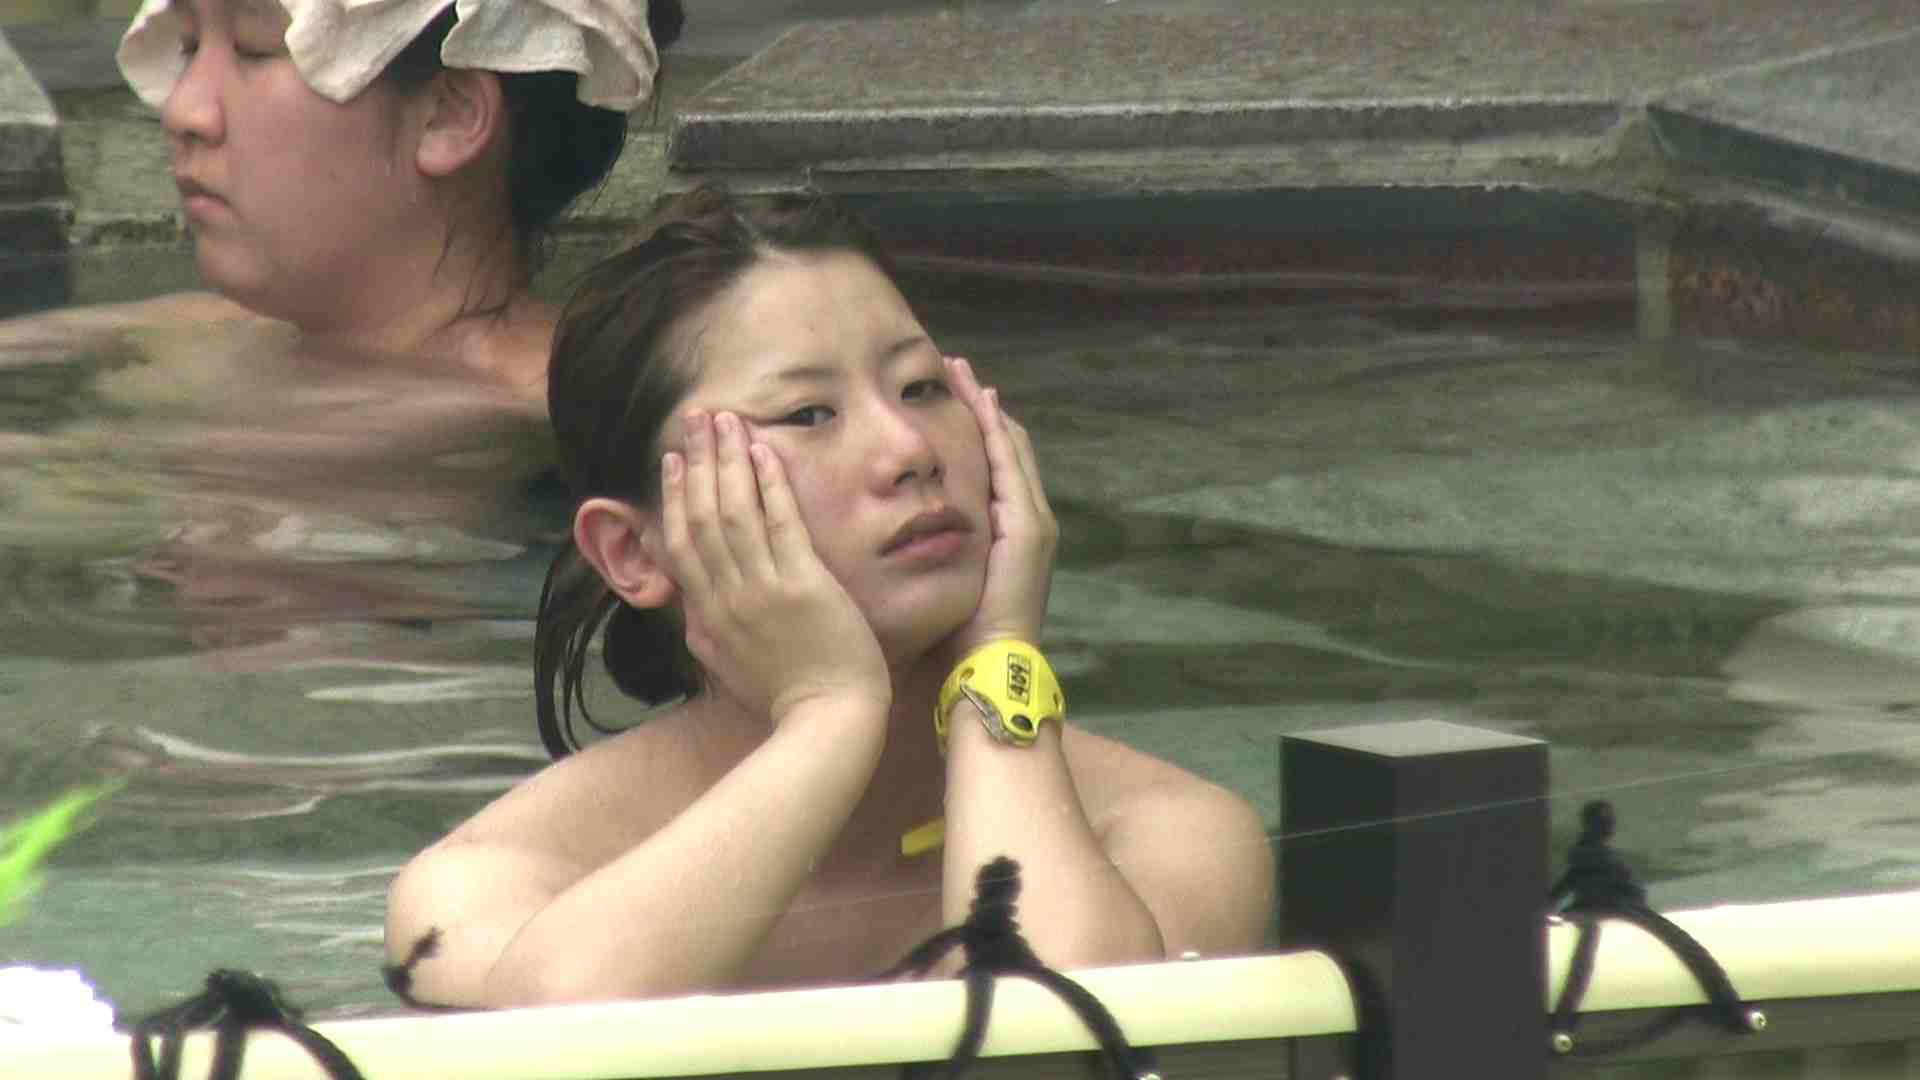 Aquaな露天風呂Vol.19【VIP】 美しいOLの裸体  106pic 9